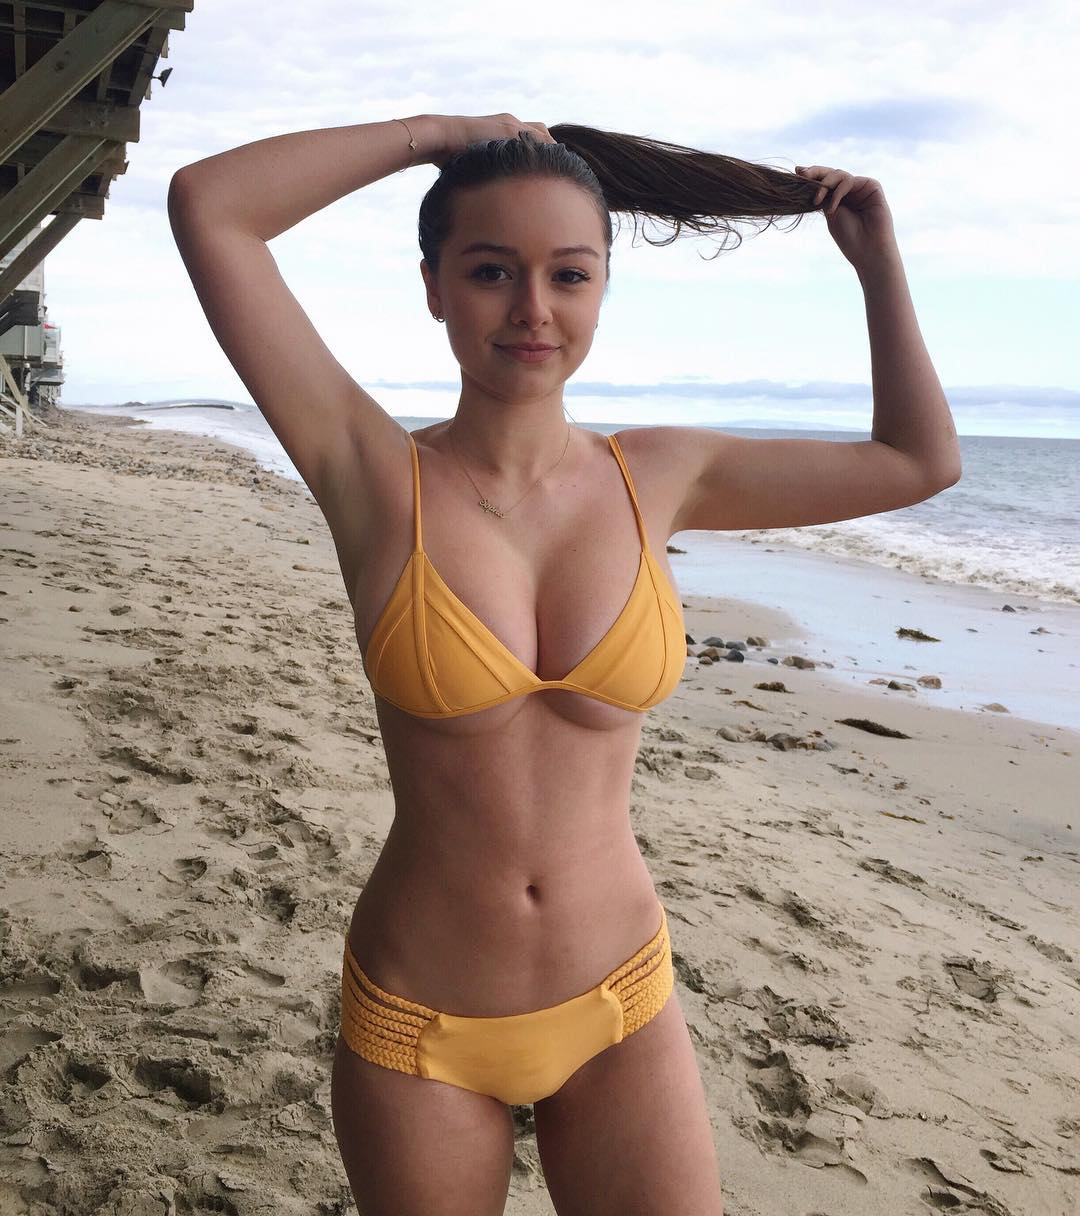 Sophie Mudd in a bikini